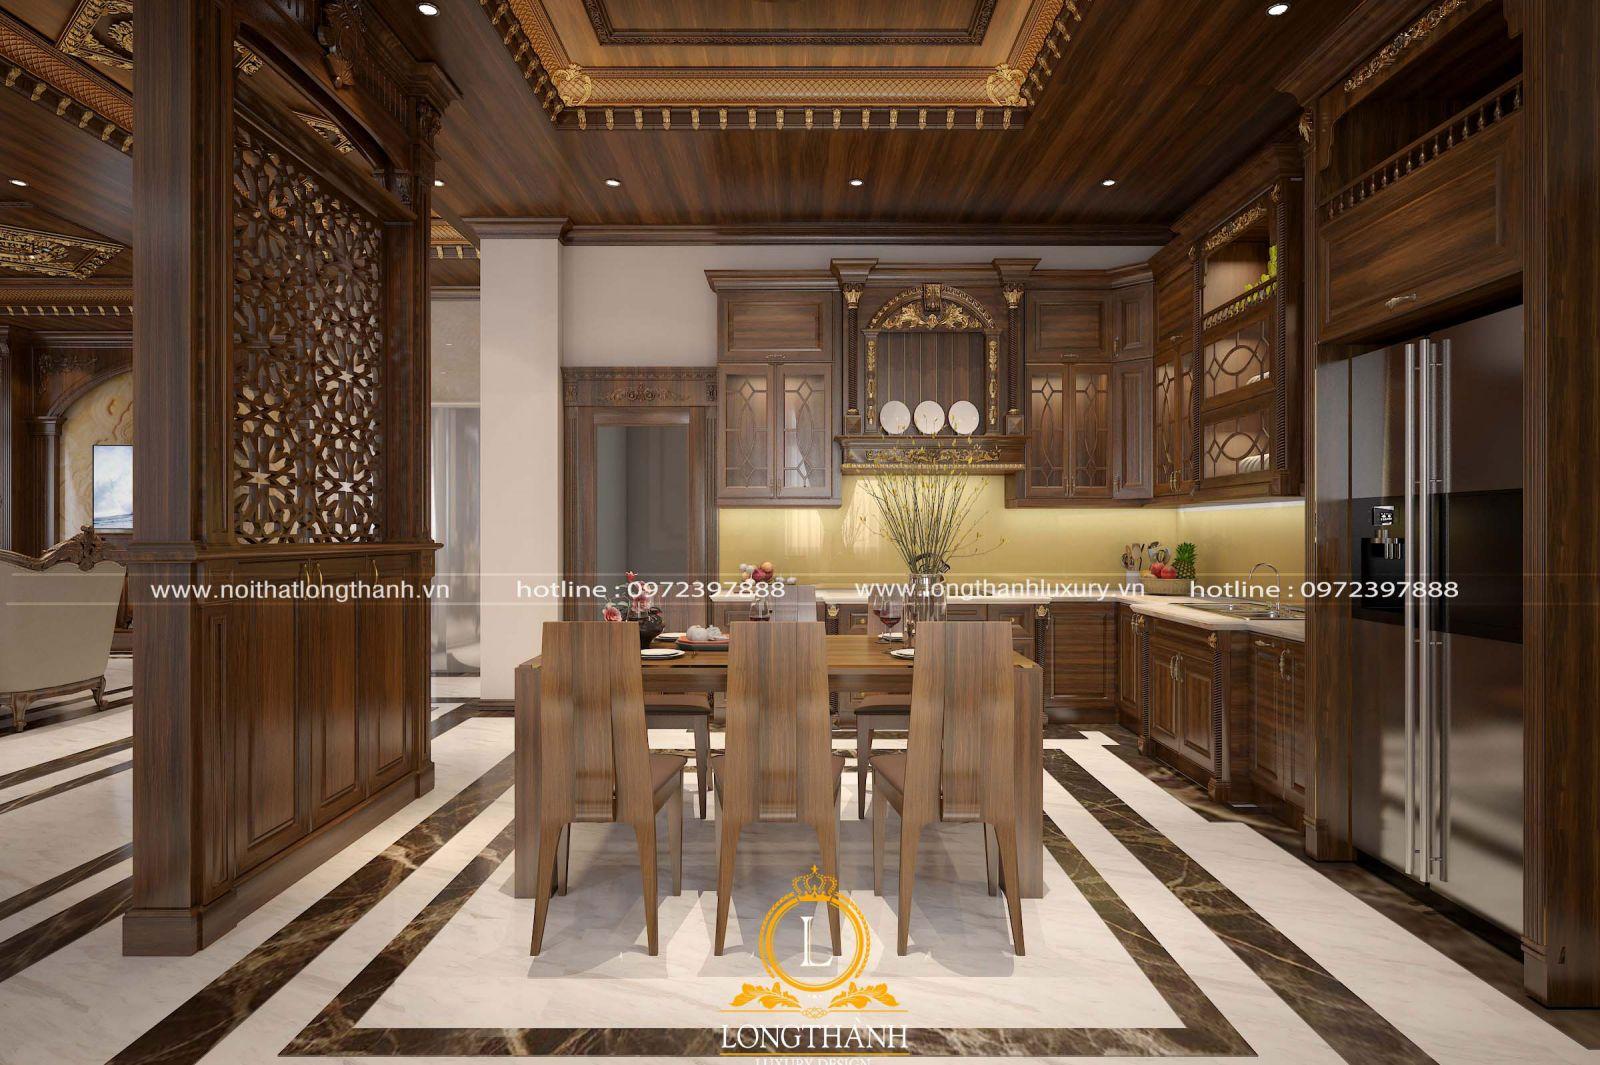 Không gian nhà bếp biệt thự được thiết kế sang trọng mà ấm cúng